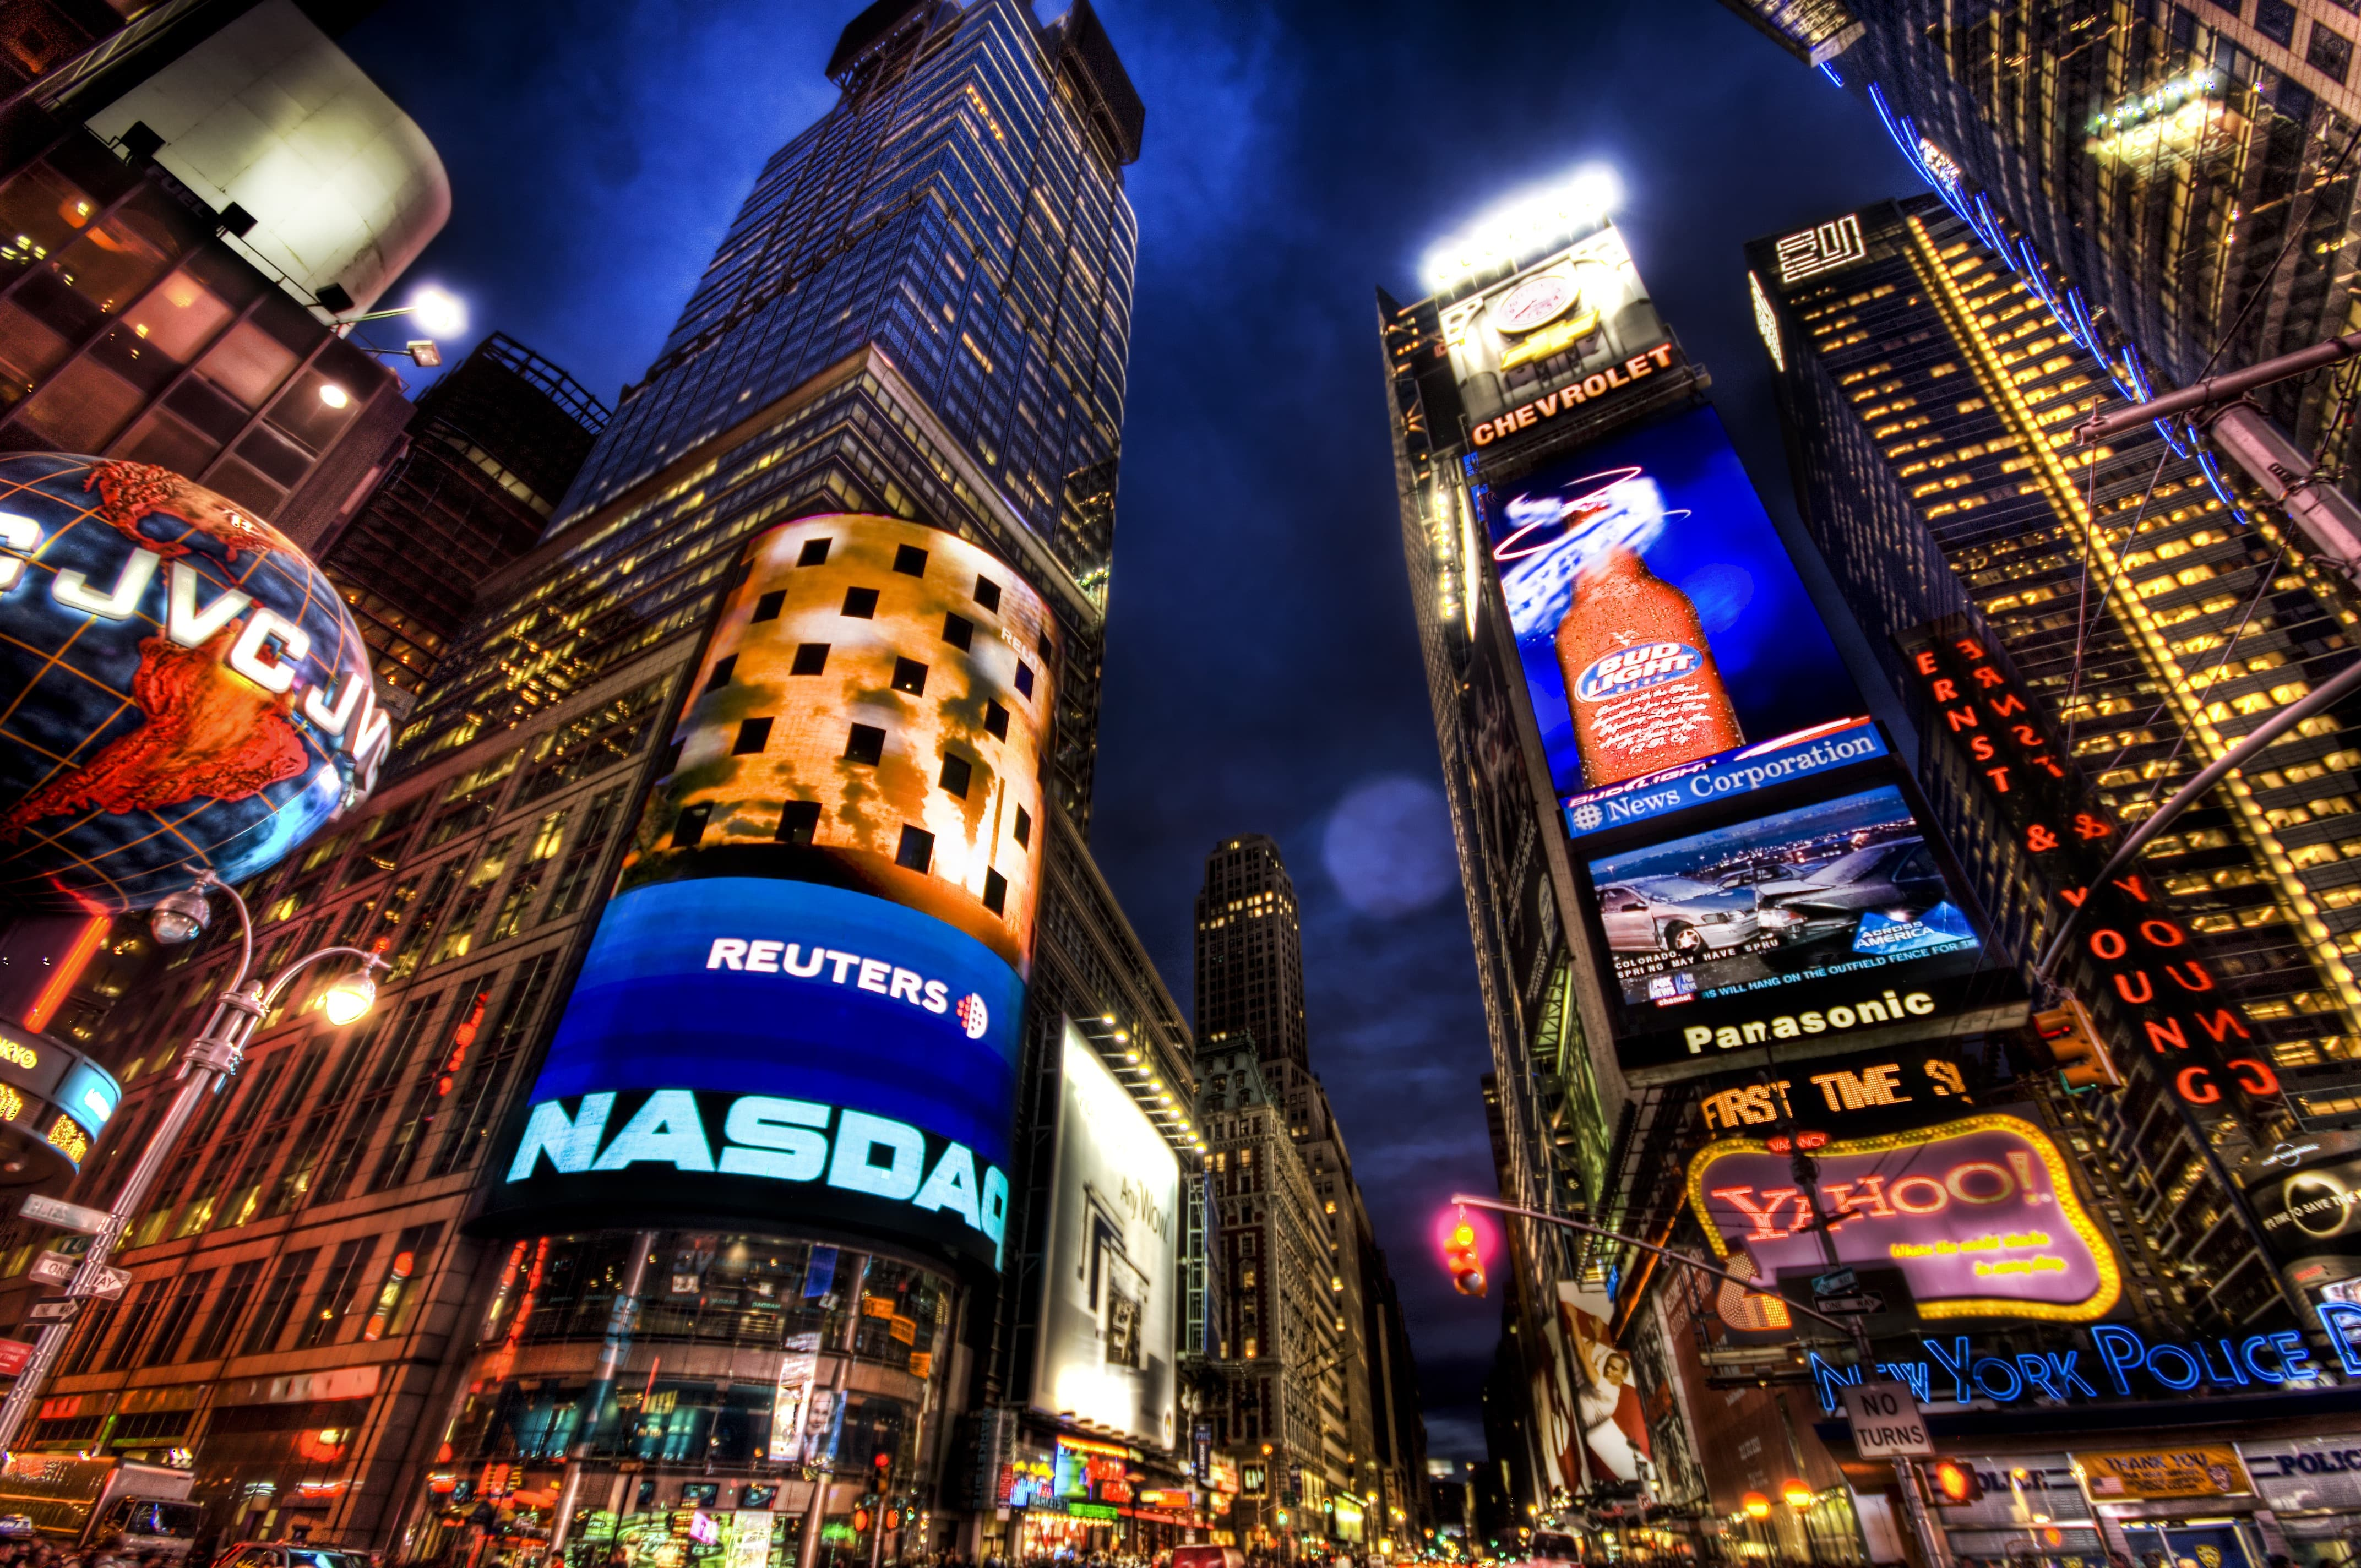 https://i2.wp.com/sergimateo.com/wp-content/2012/12/Nueva-York-1.jpg